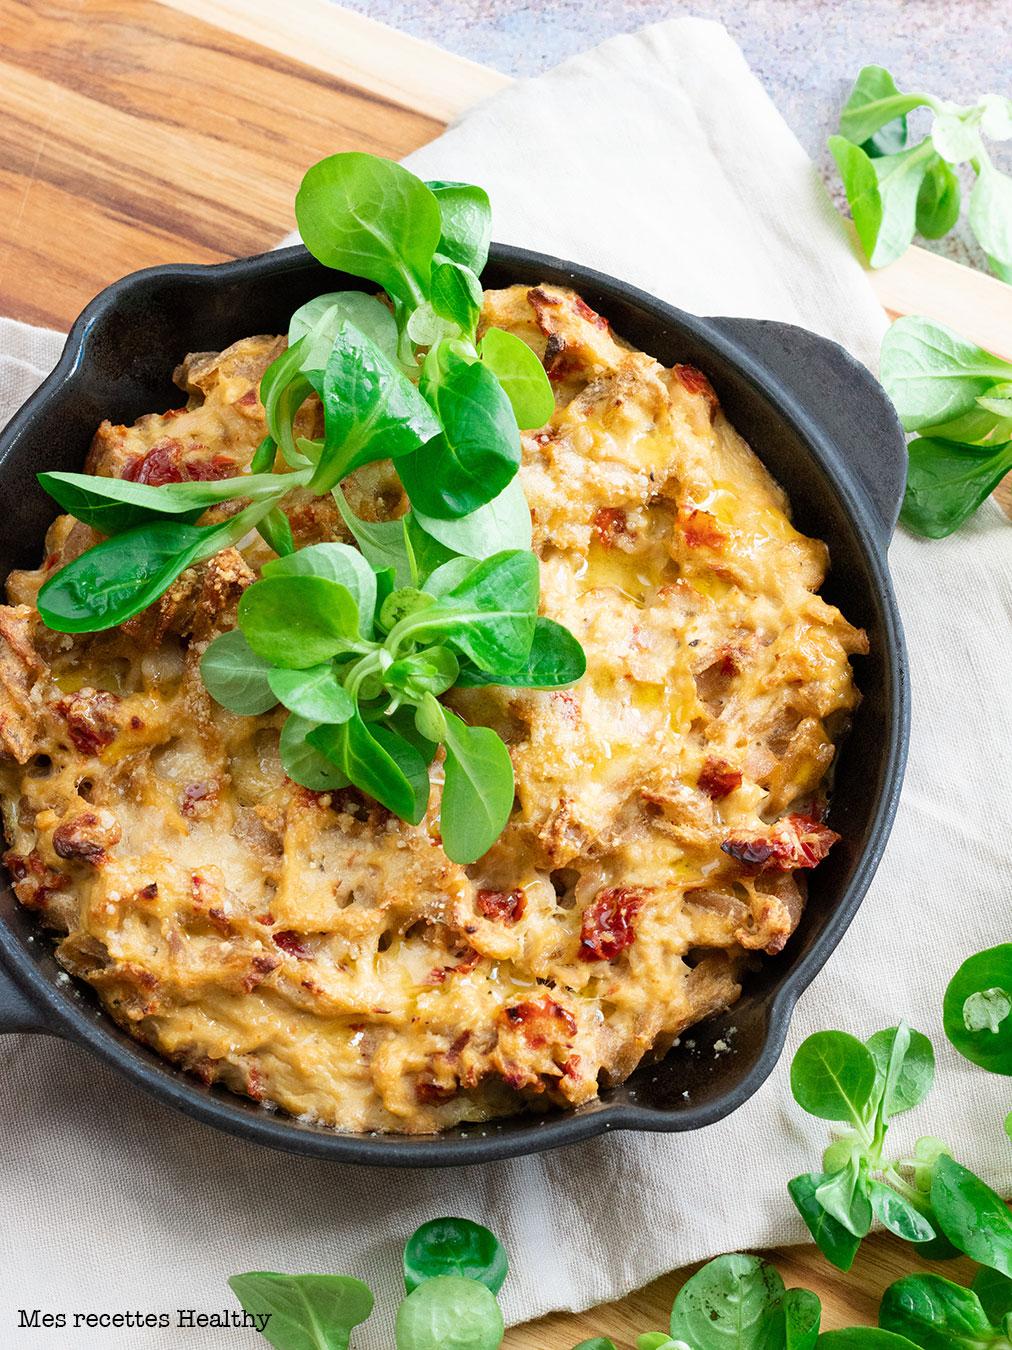 recette healthy-gratin de pâte-gratin au thon-lever-rapide-facile